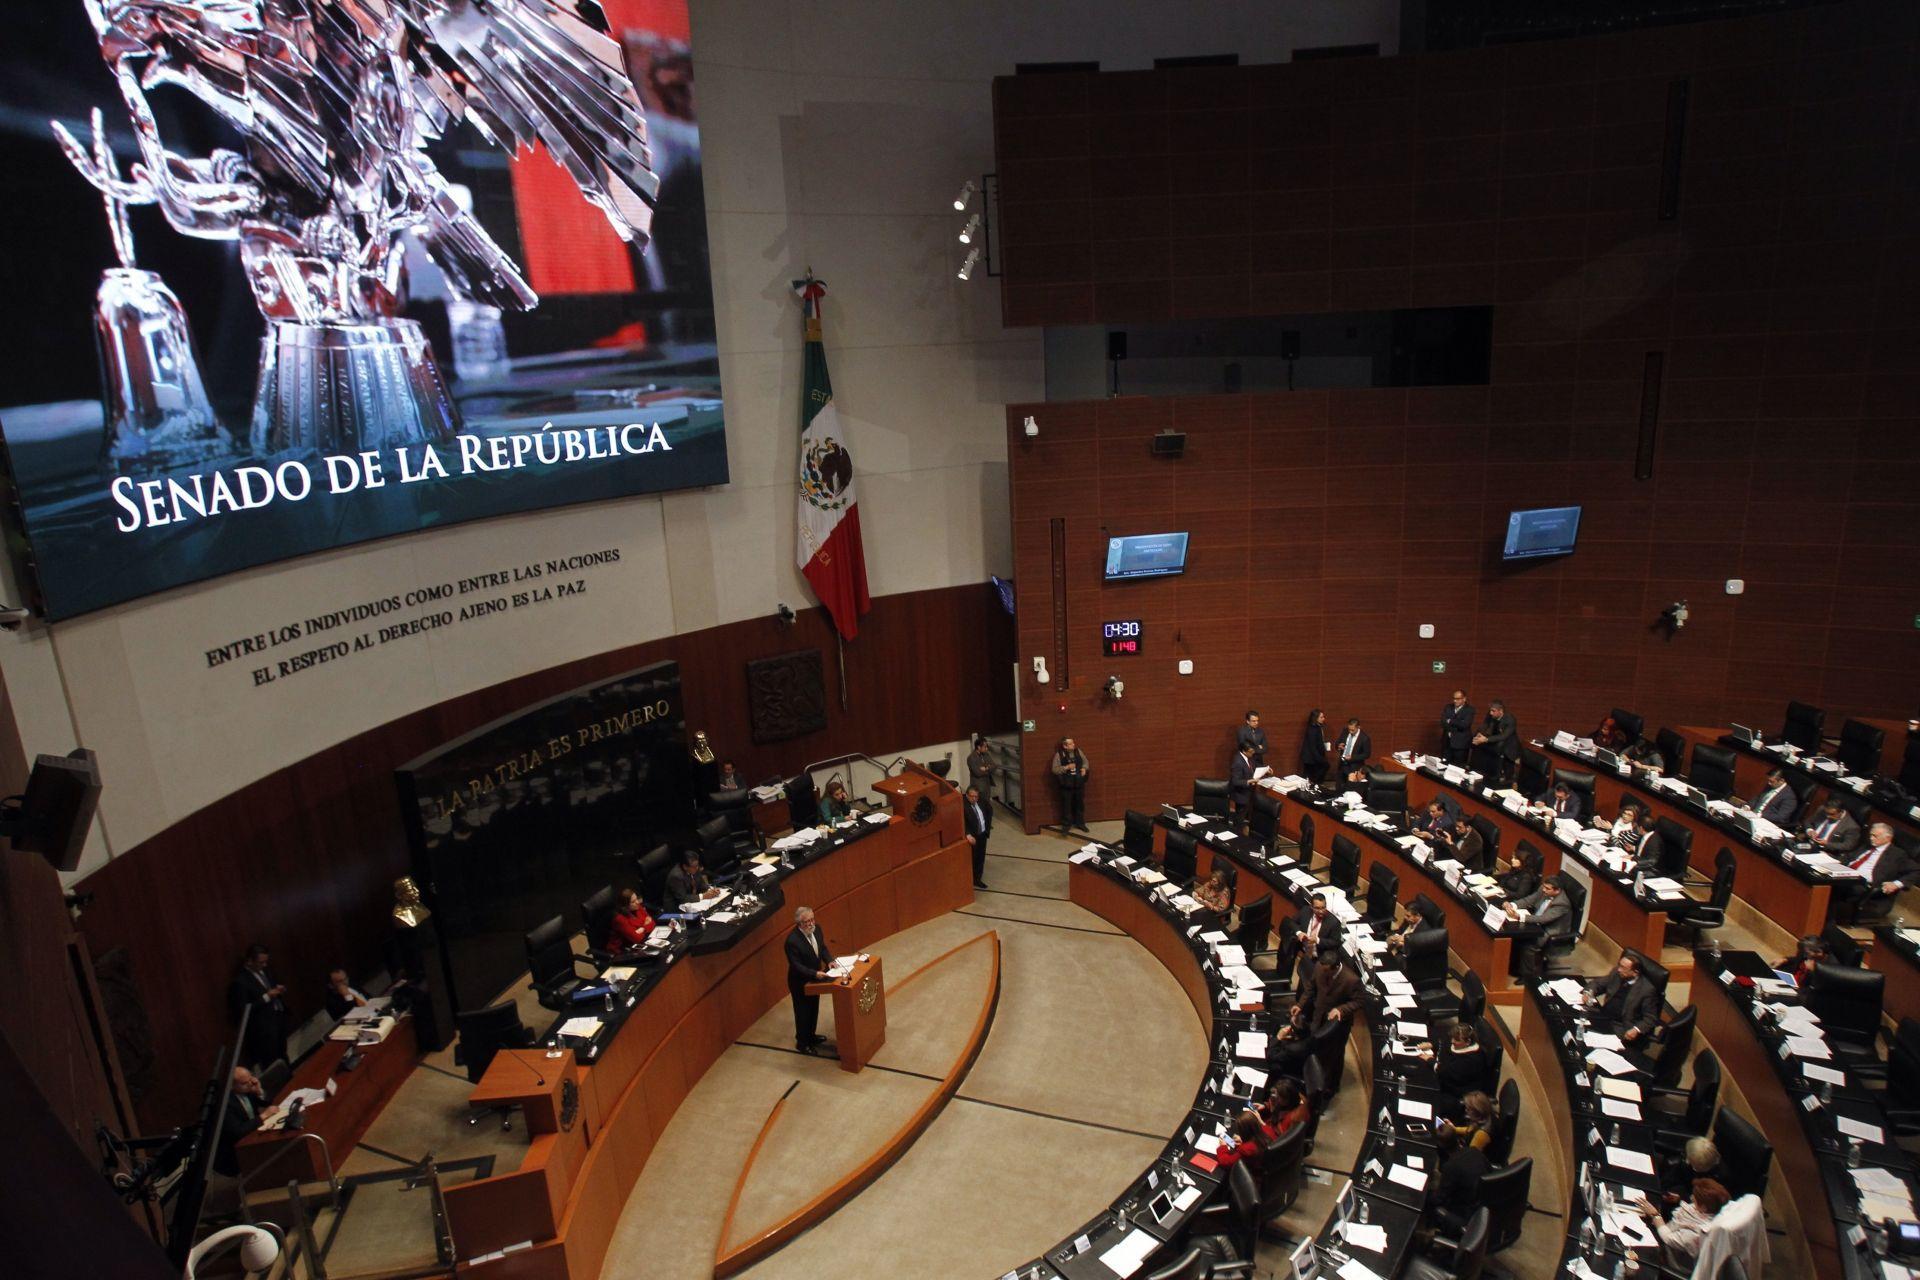 El Senado mexicano comienza el debate de la polémica Ley de Seguridad